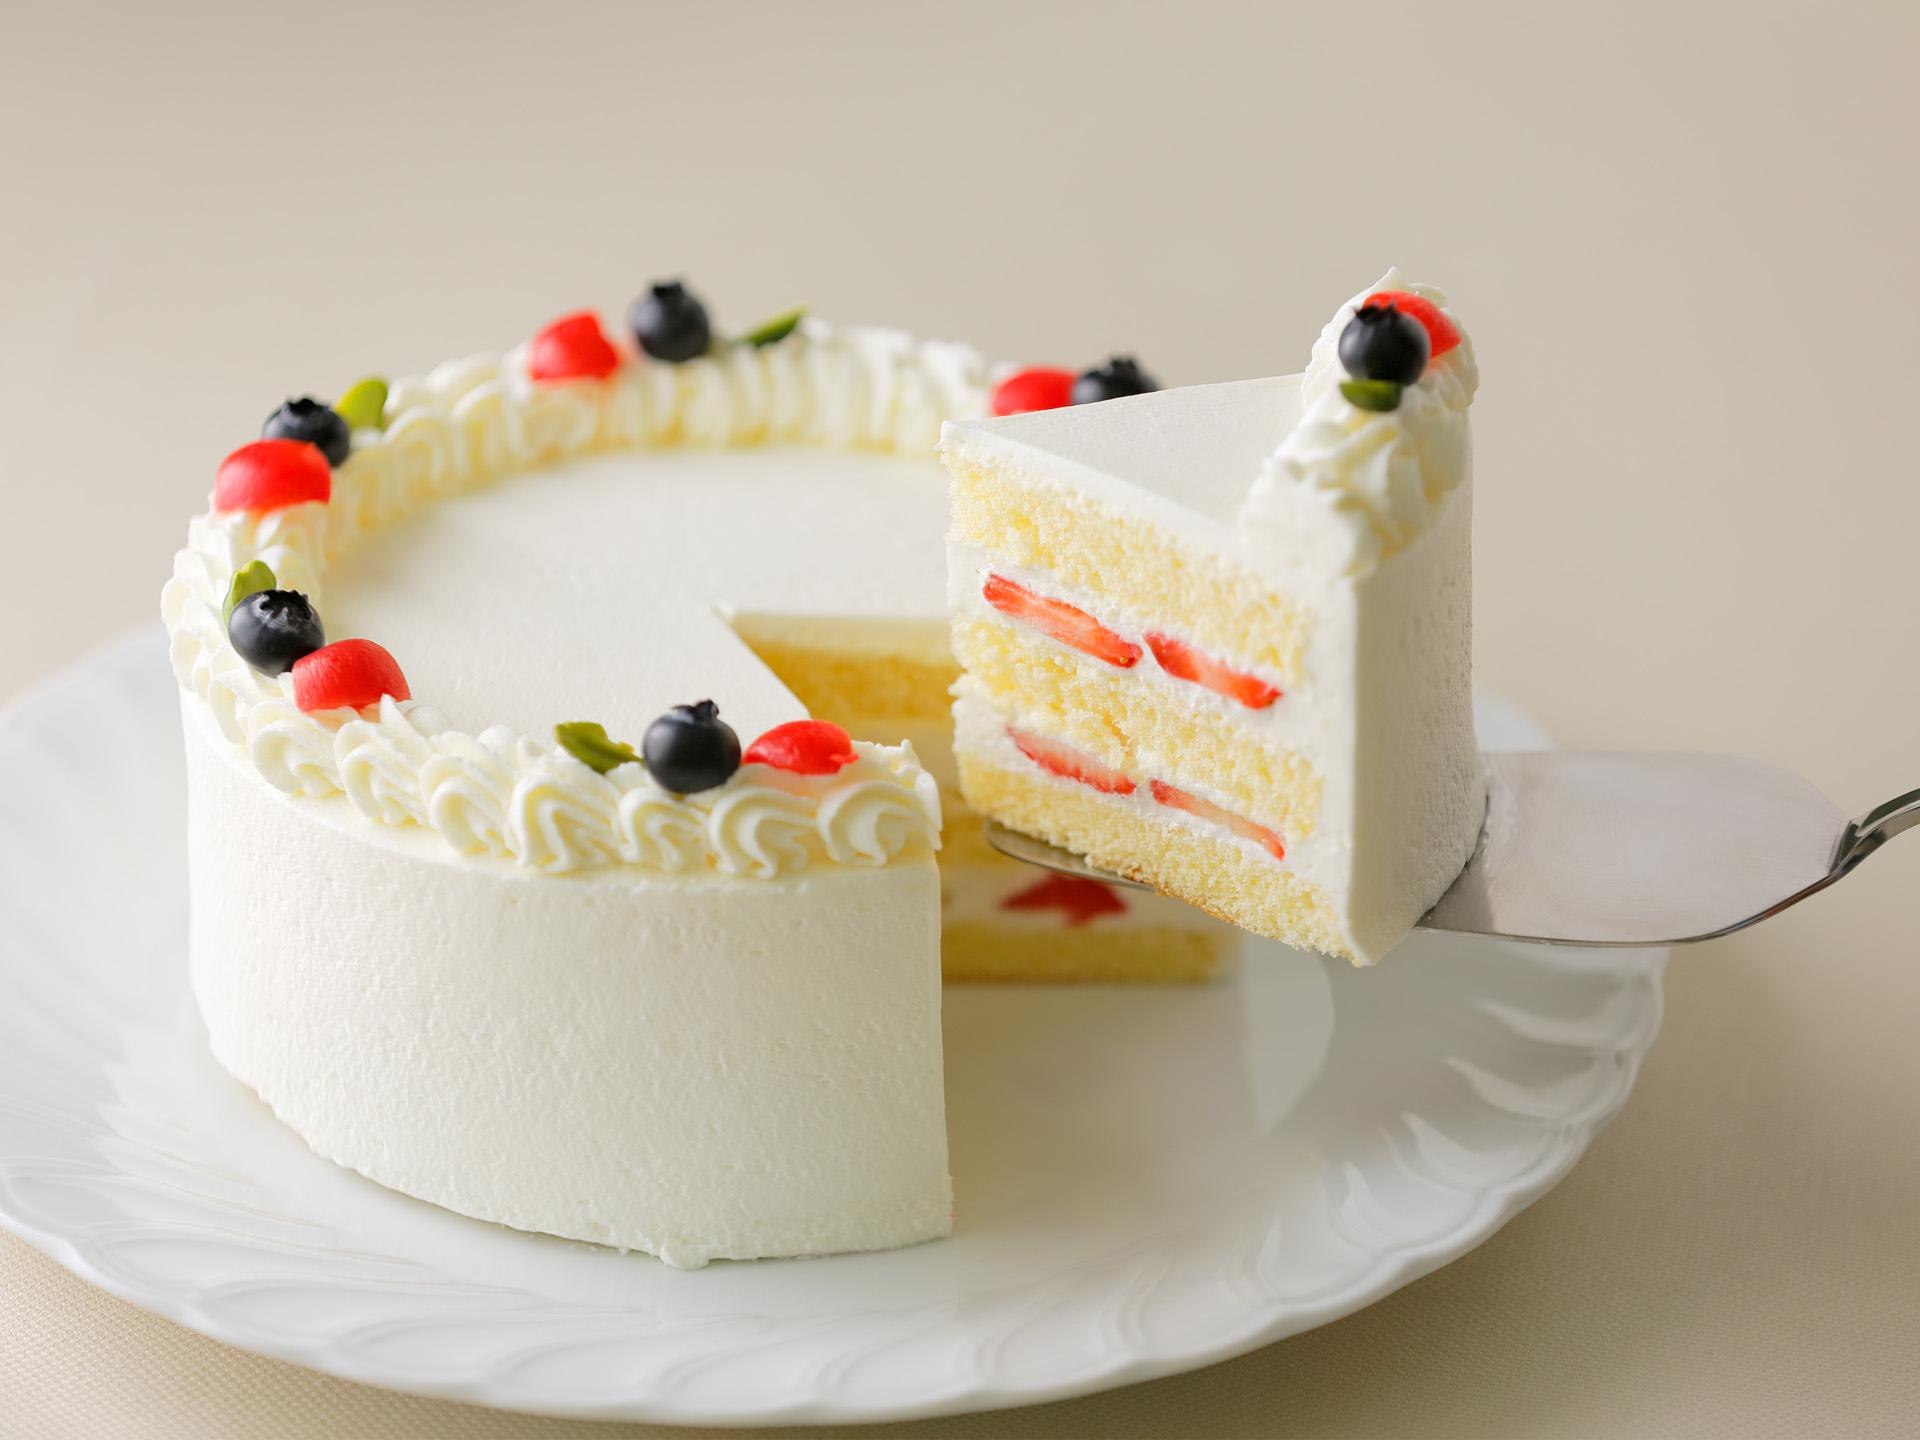 お絵かきデコレーションケーキ ケーキの断面